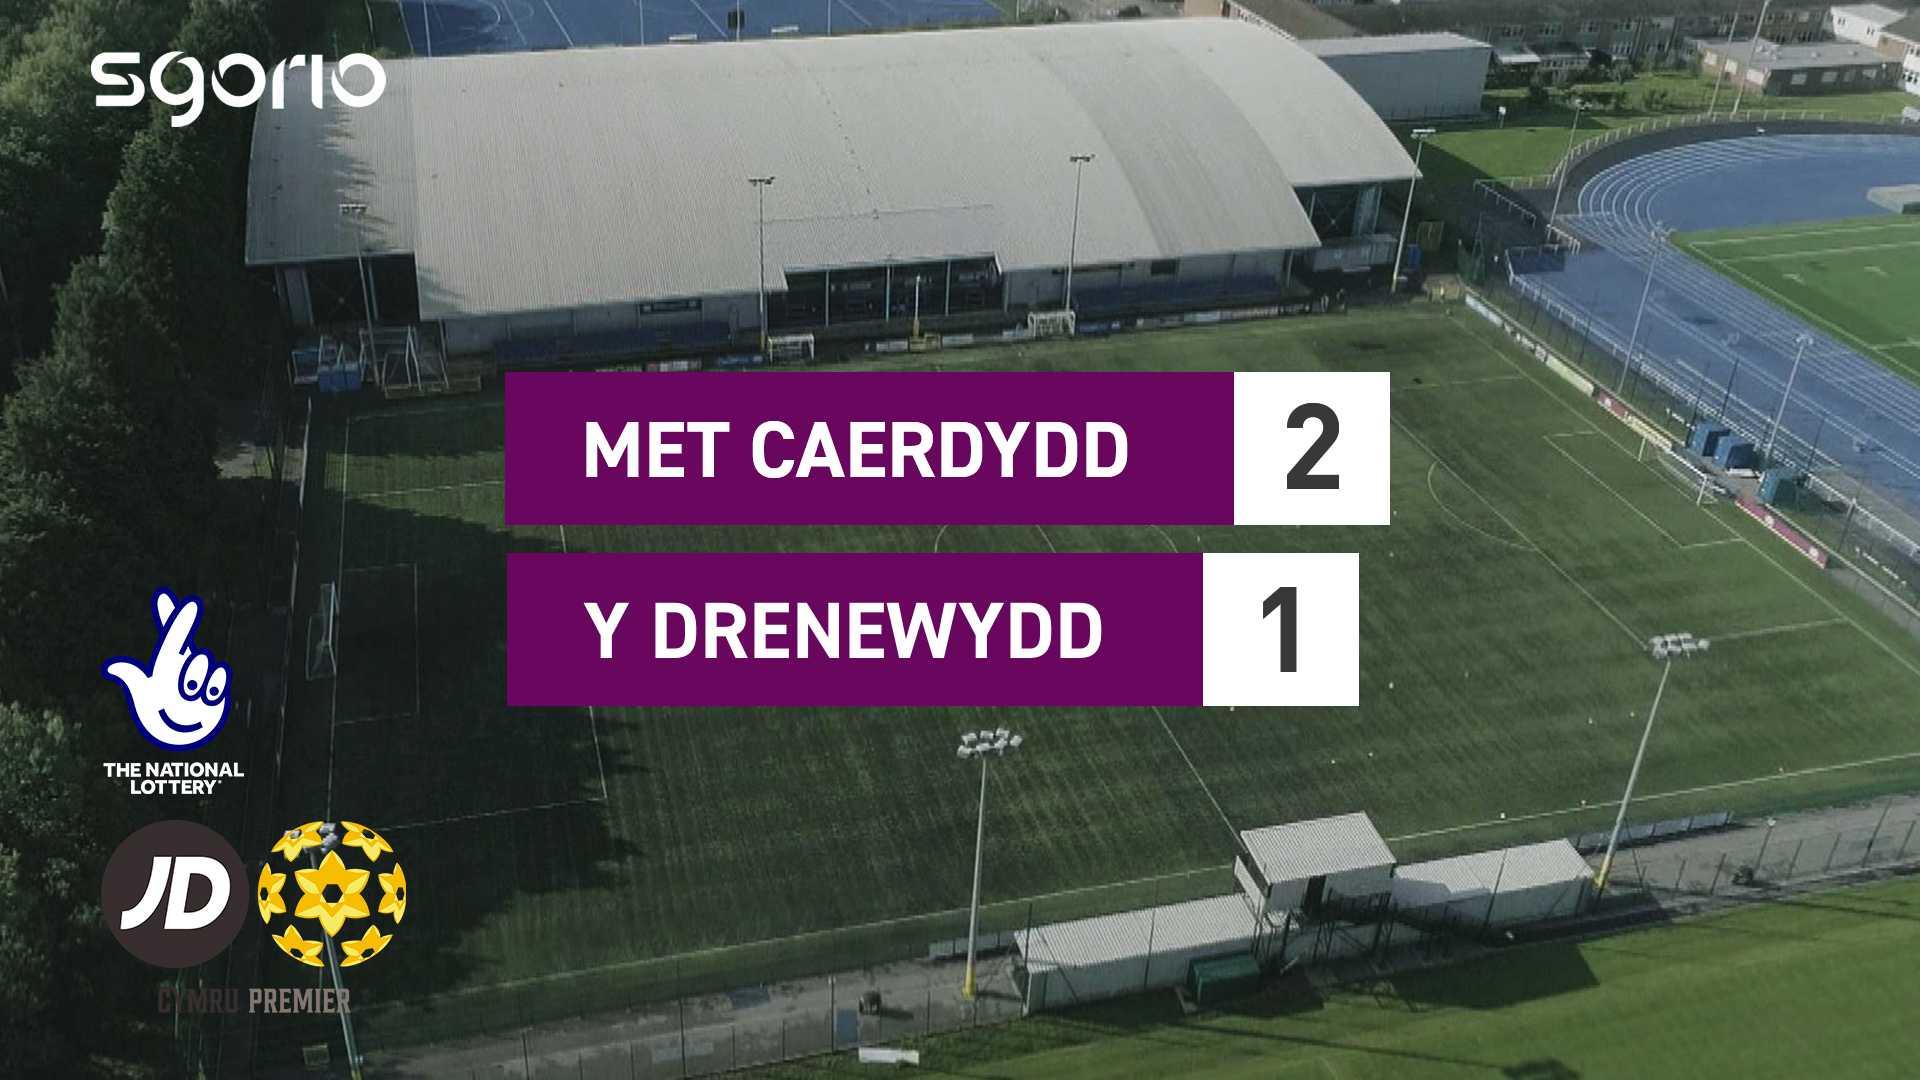 Met Caerdydd 2-1 Y Drenewydd